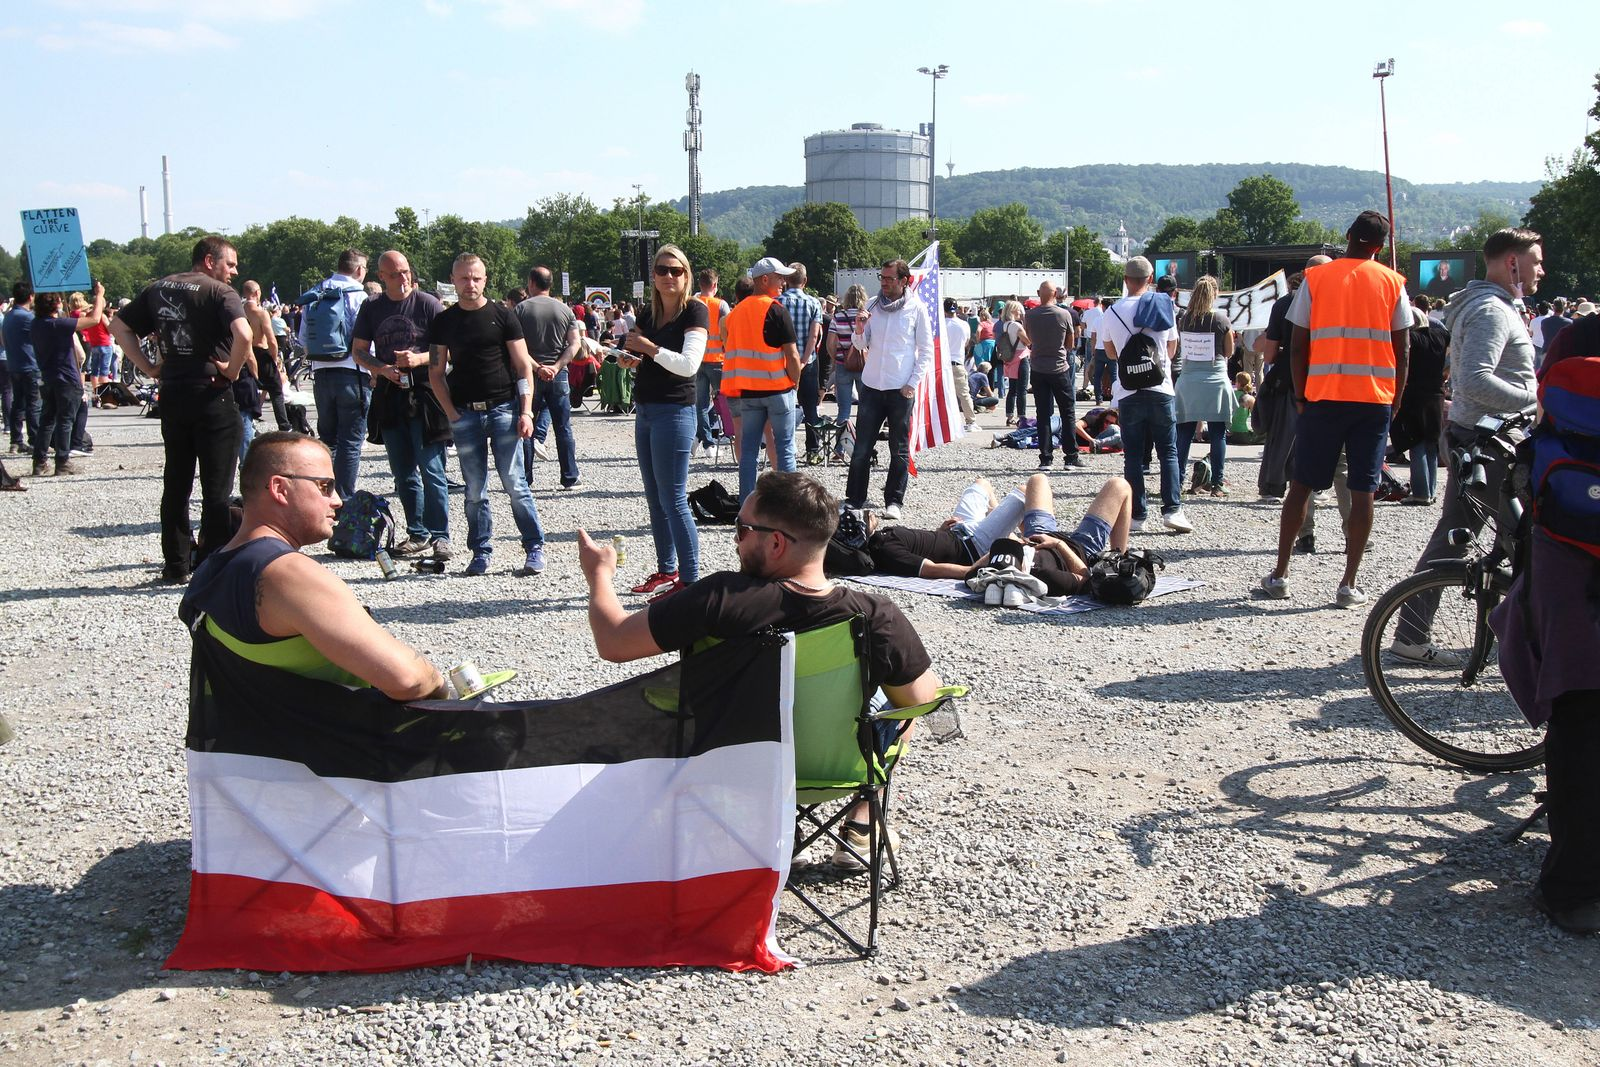 Unter dem Motto Querdenken fand auf den Wasen in Bad Cannstatt eine Demonstration und Kundgebung mit 5.000 Teilnehmern,